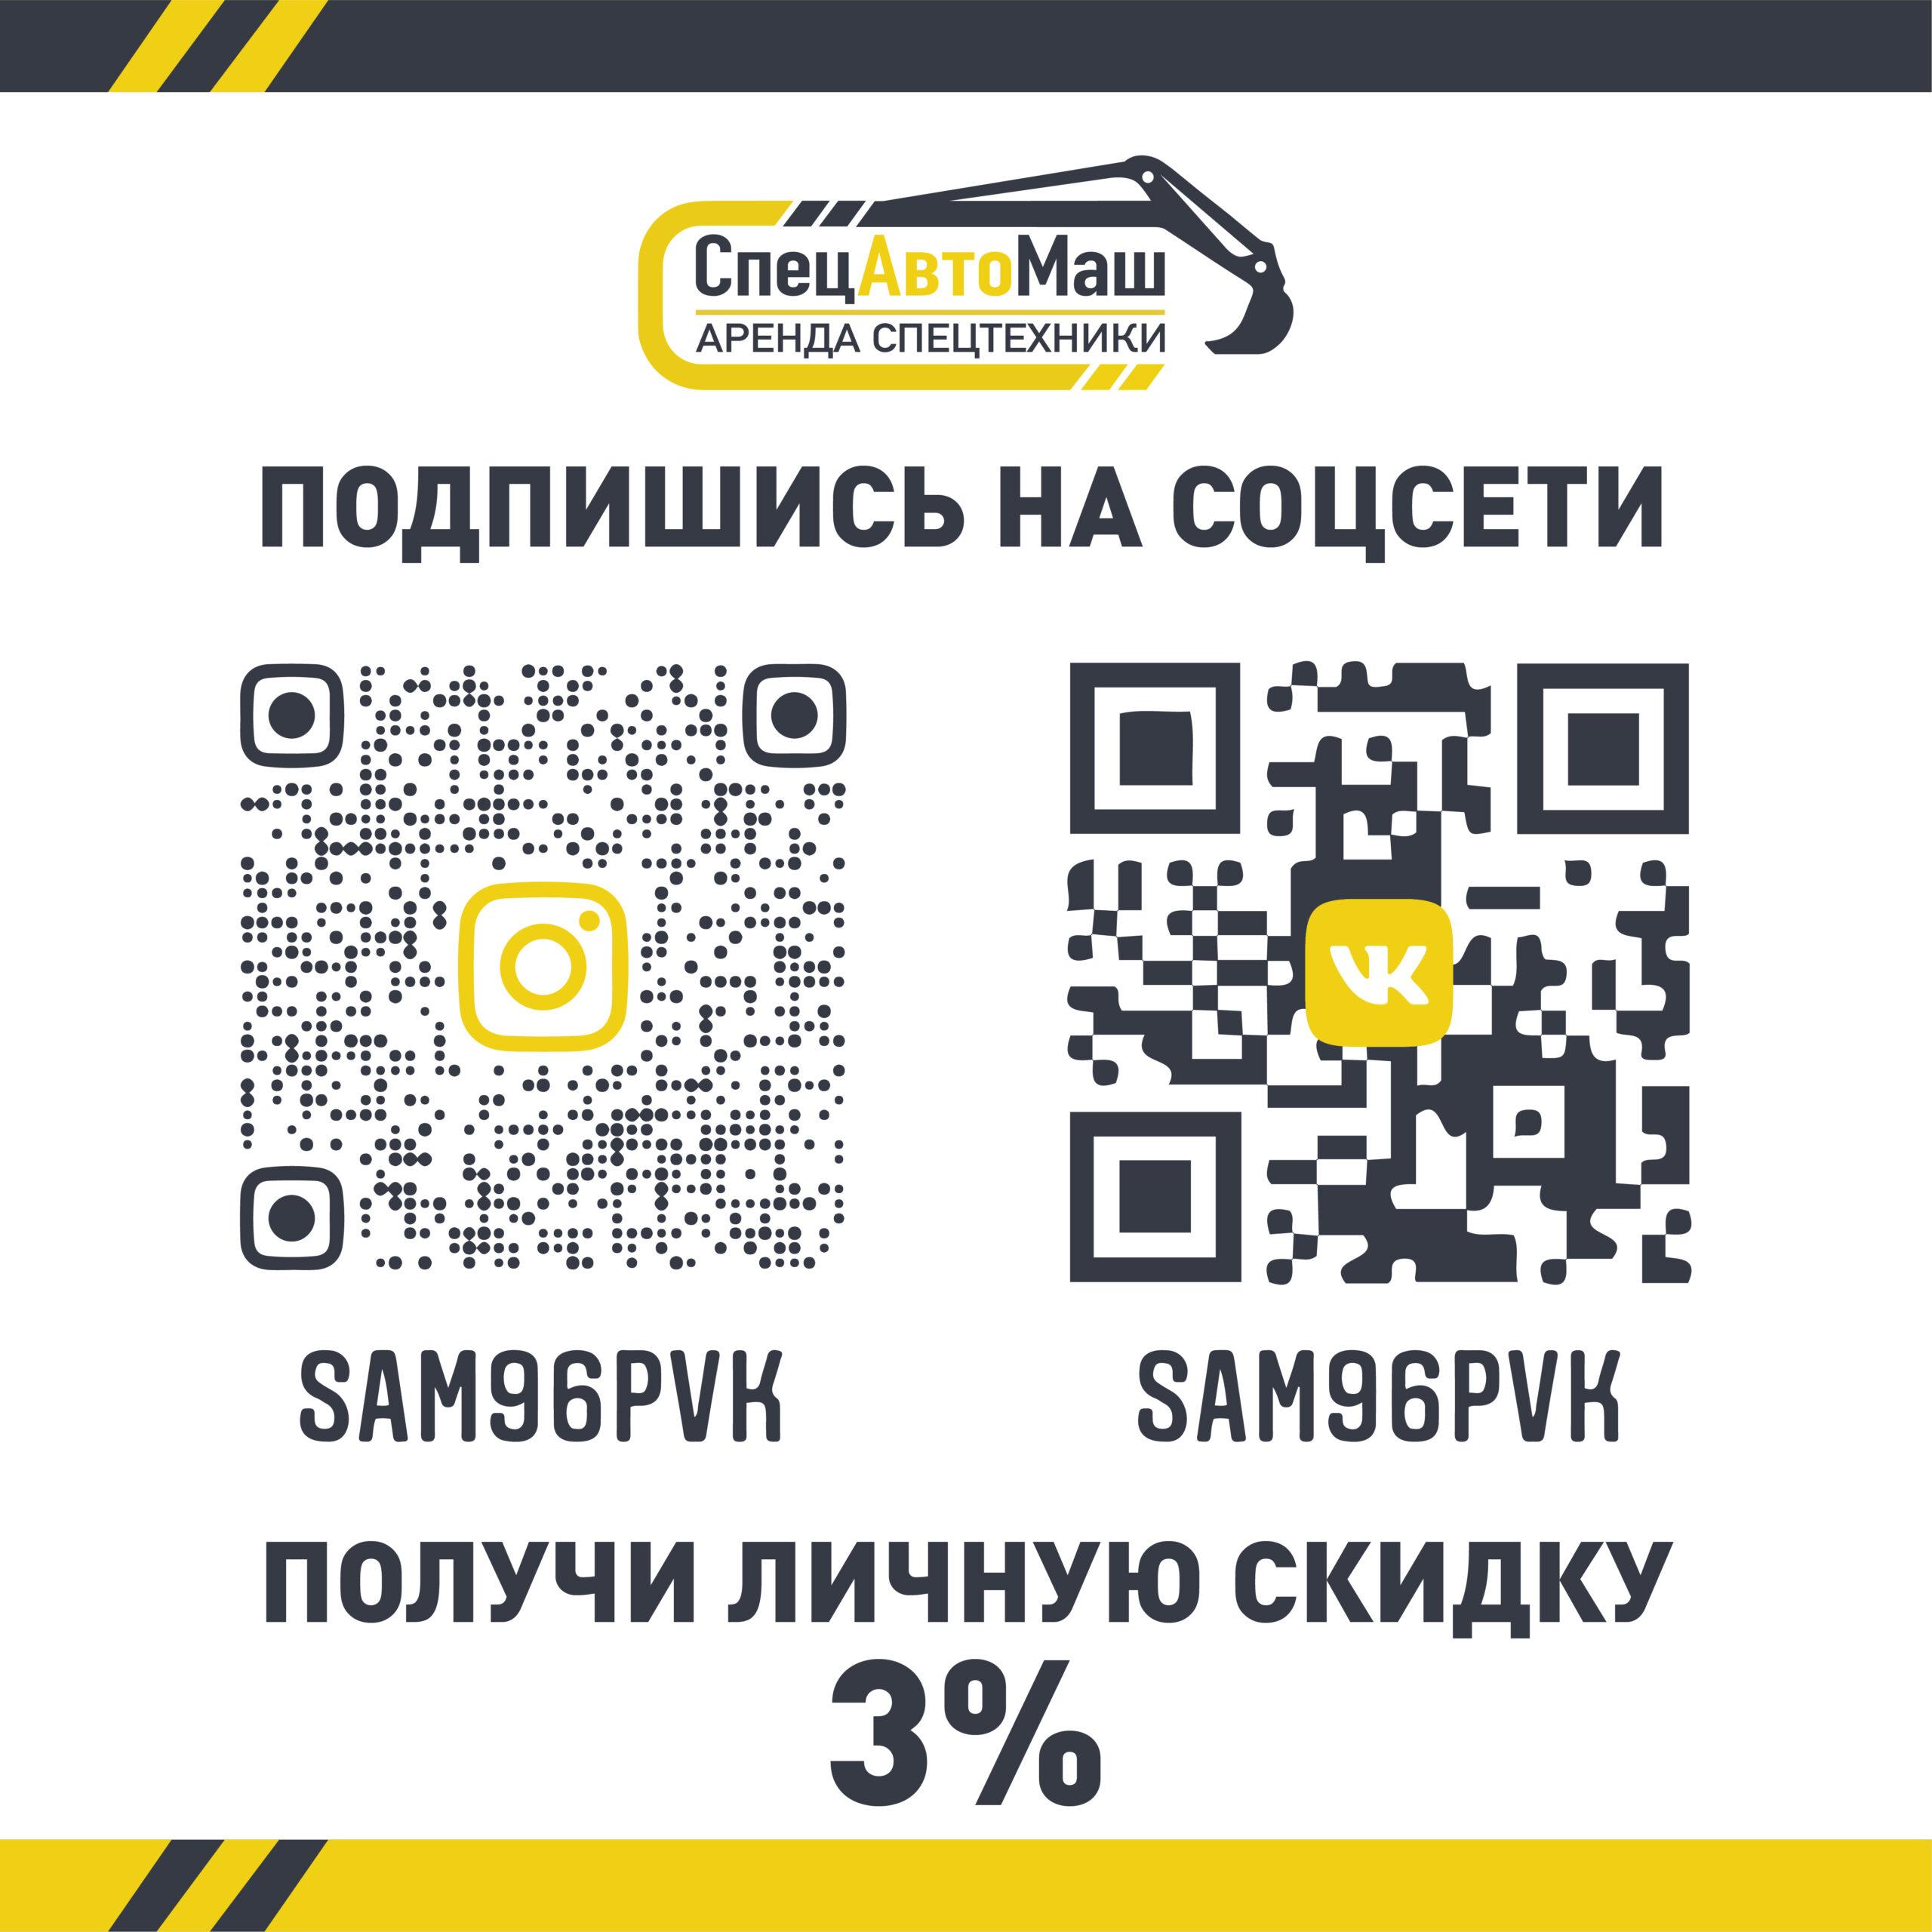 Аренда спецтехники Первоуральск